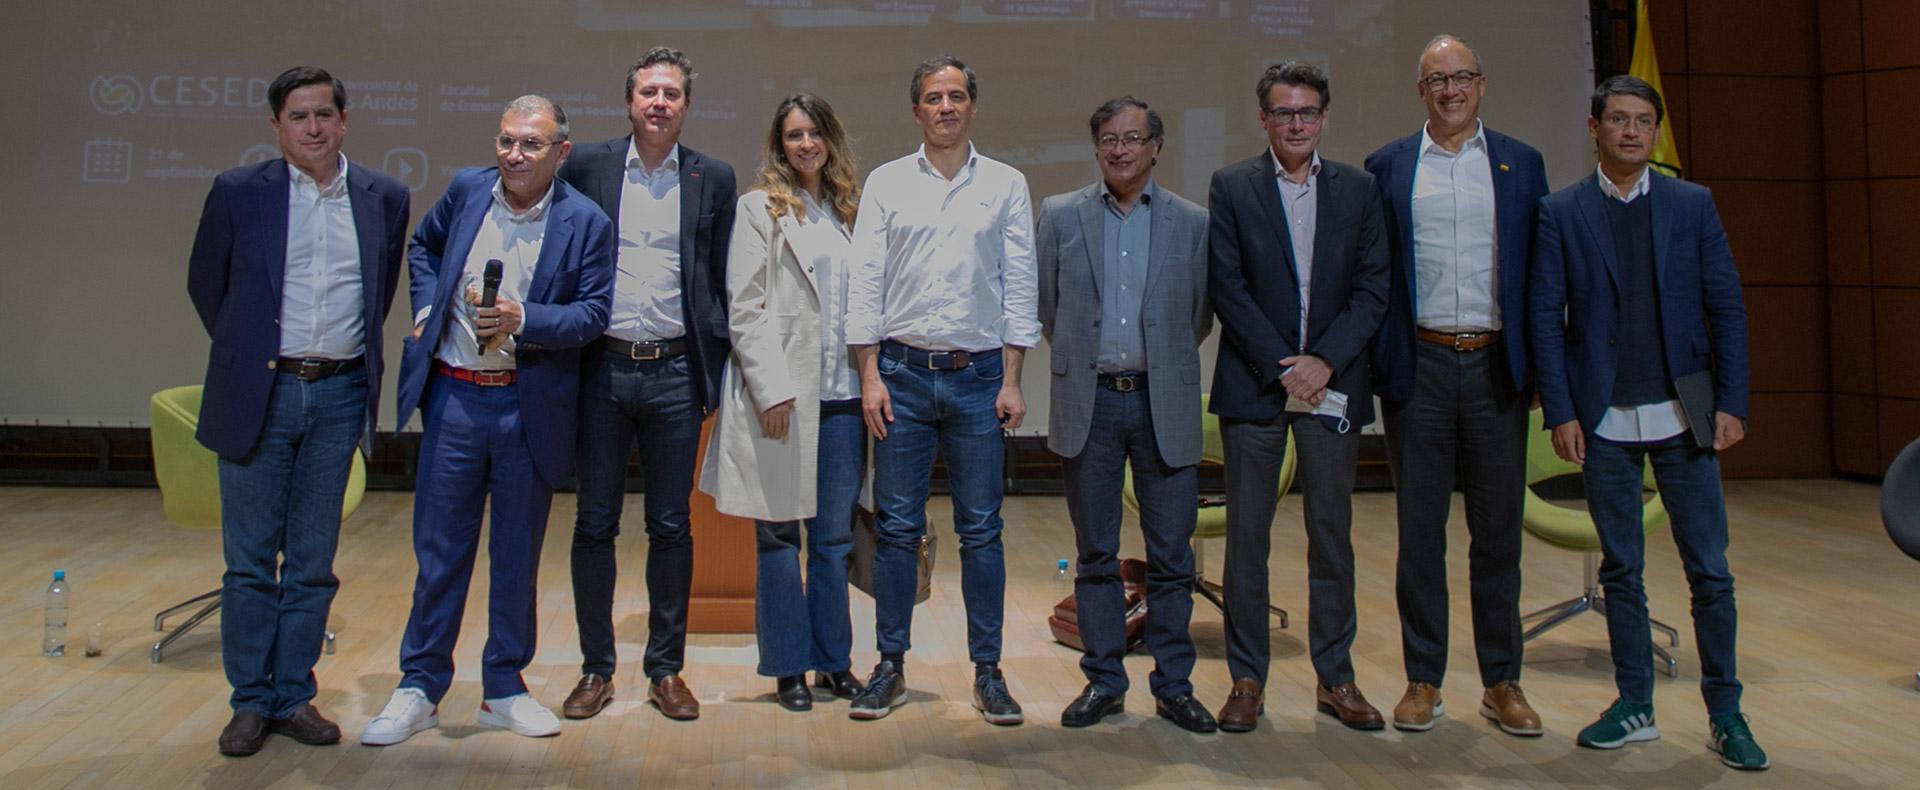 Foto de los precandidatos presidenciales en el Día Paíz